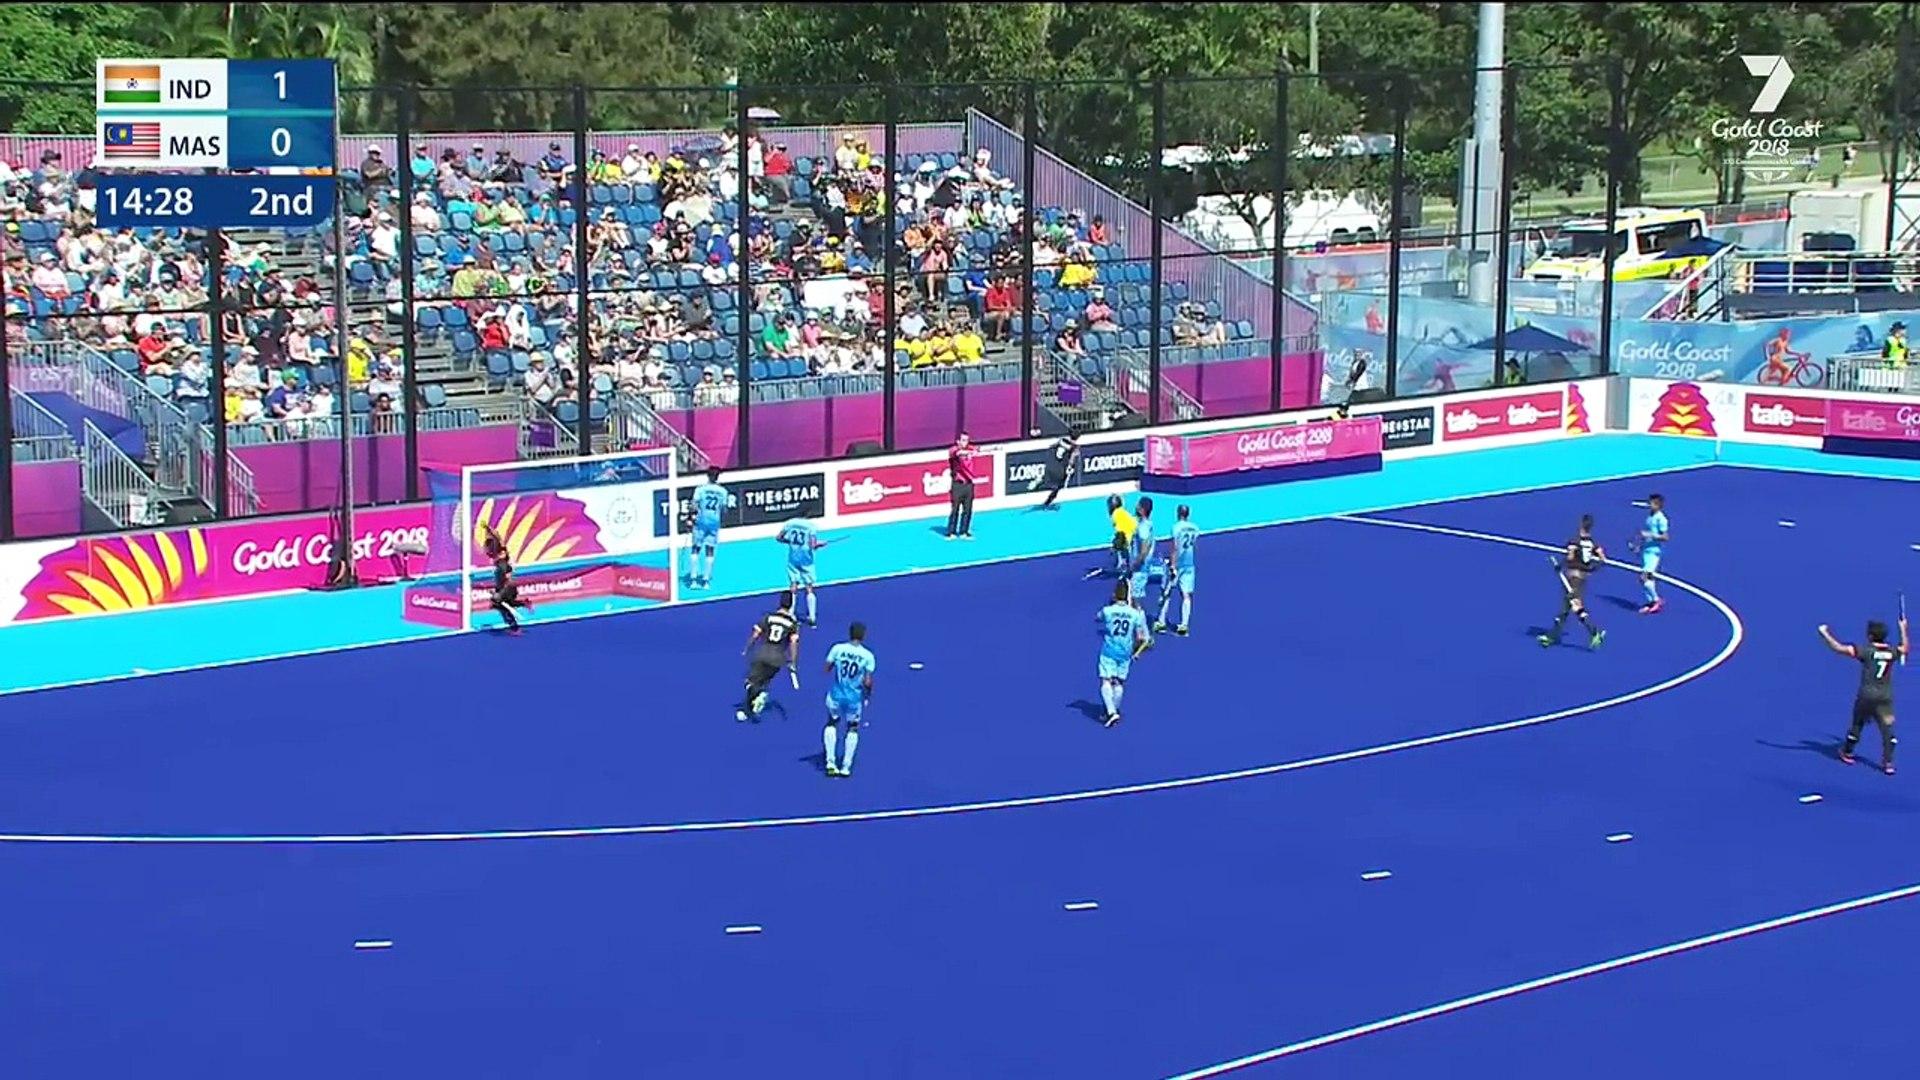 Highlights- India v Malaysia - Hockey - Men's Pool B - Gold Coast 2018